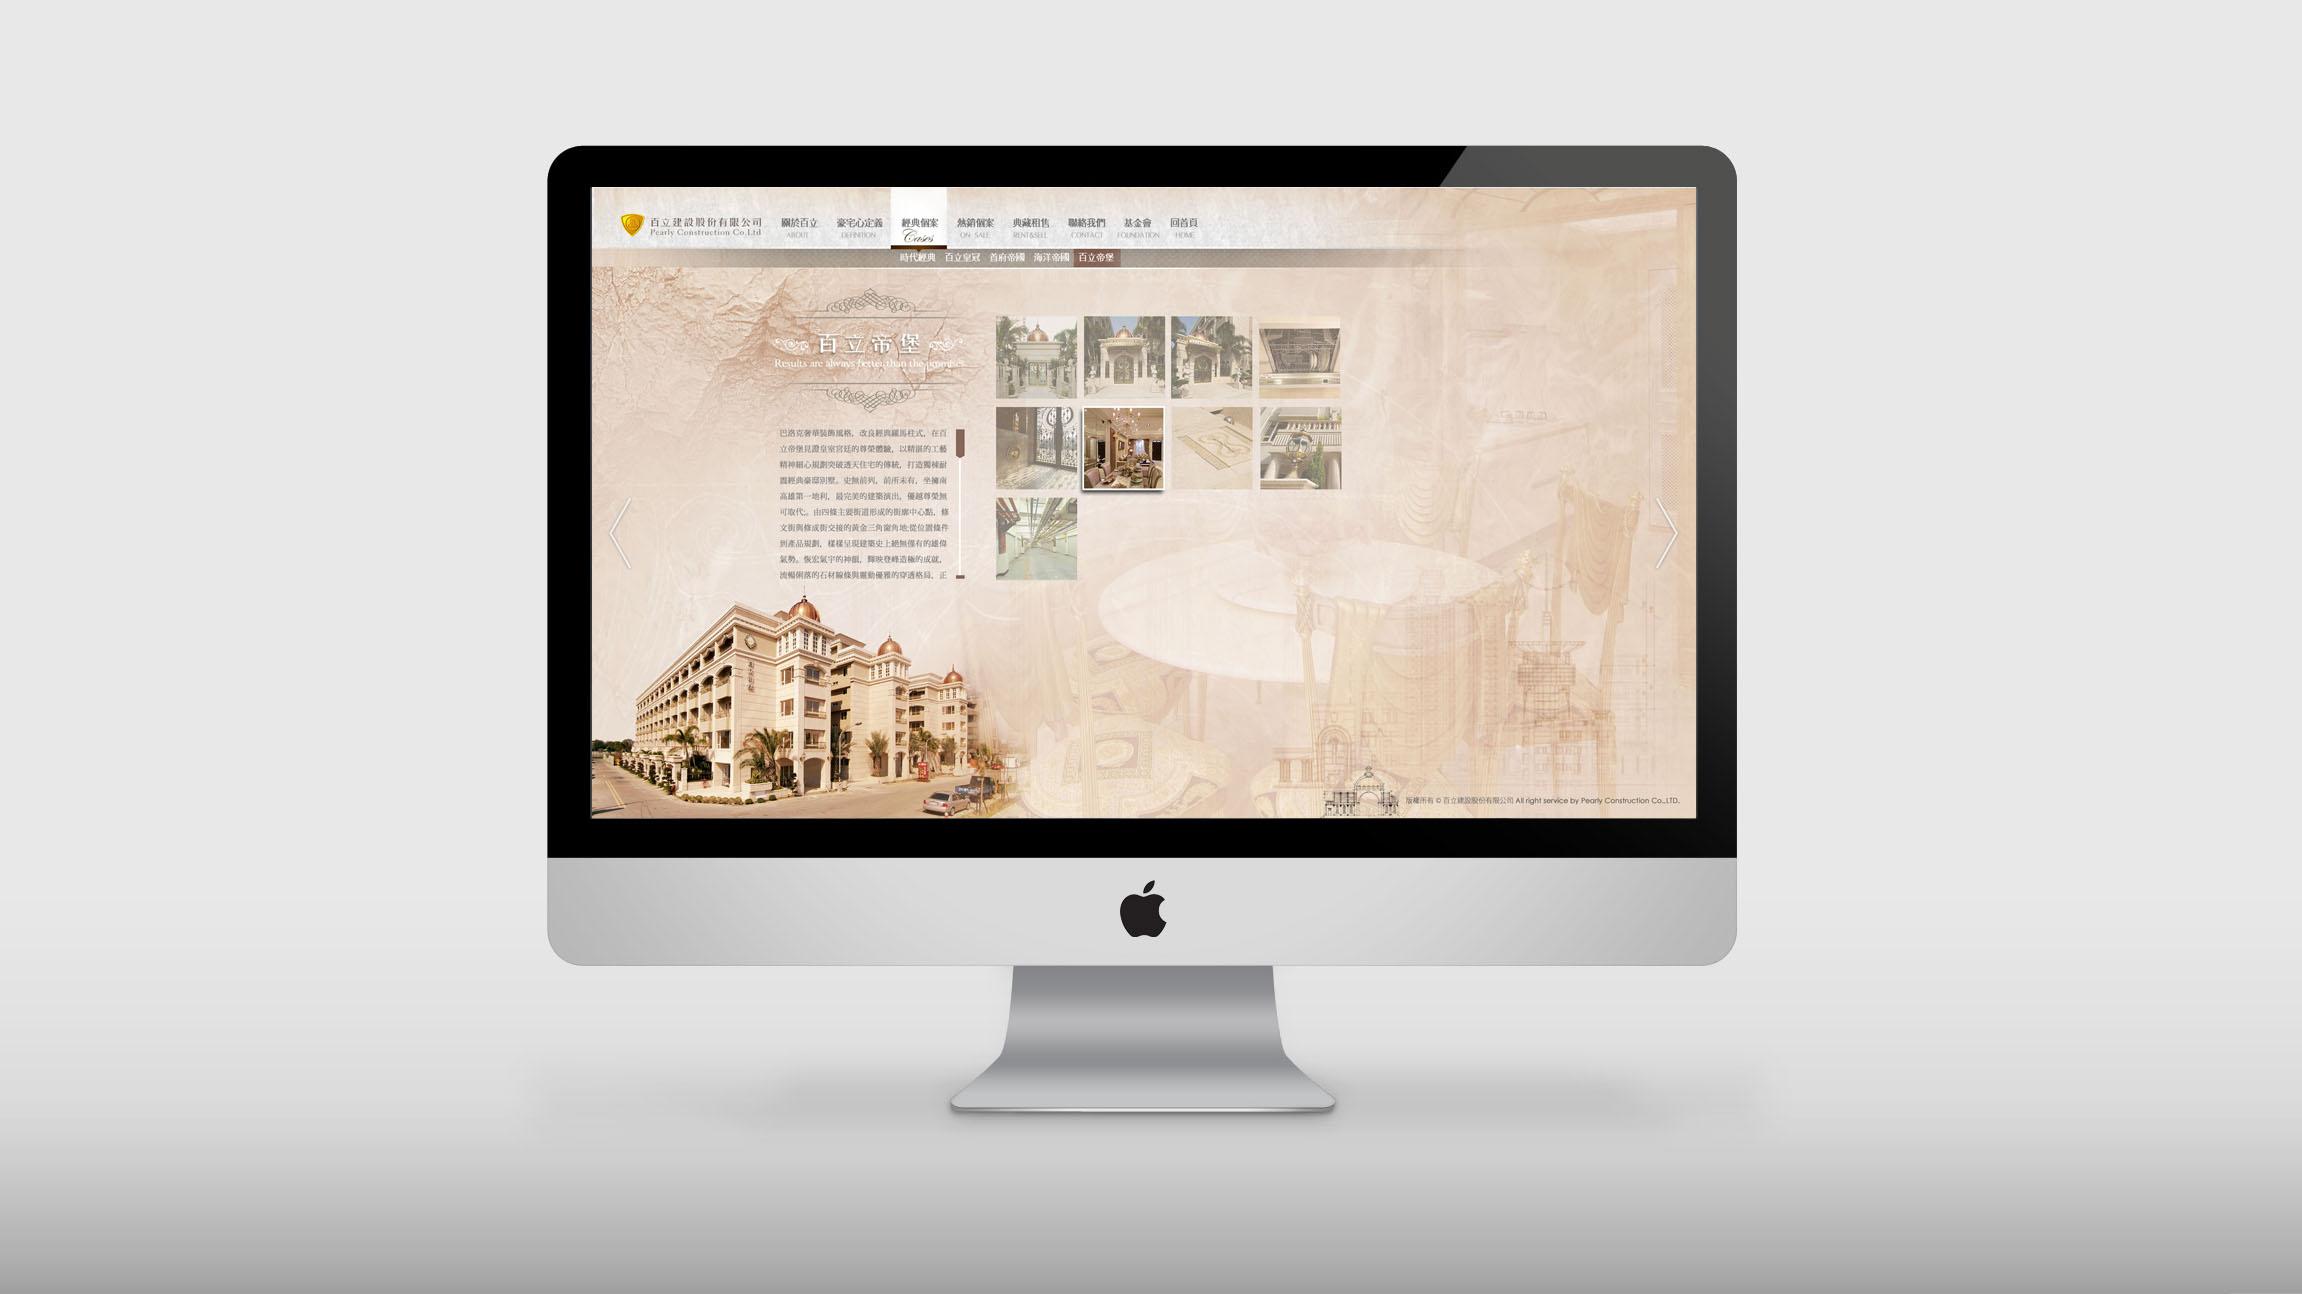 0114 百立建設官網建構 網站版型精稿提案 4 經典個案 iMac